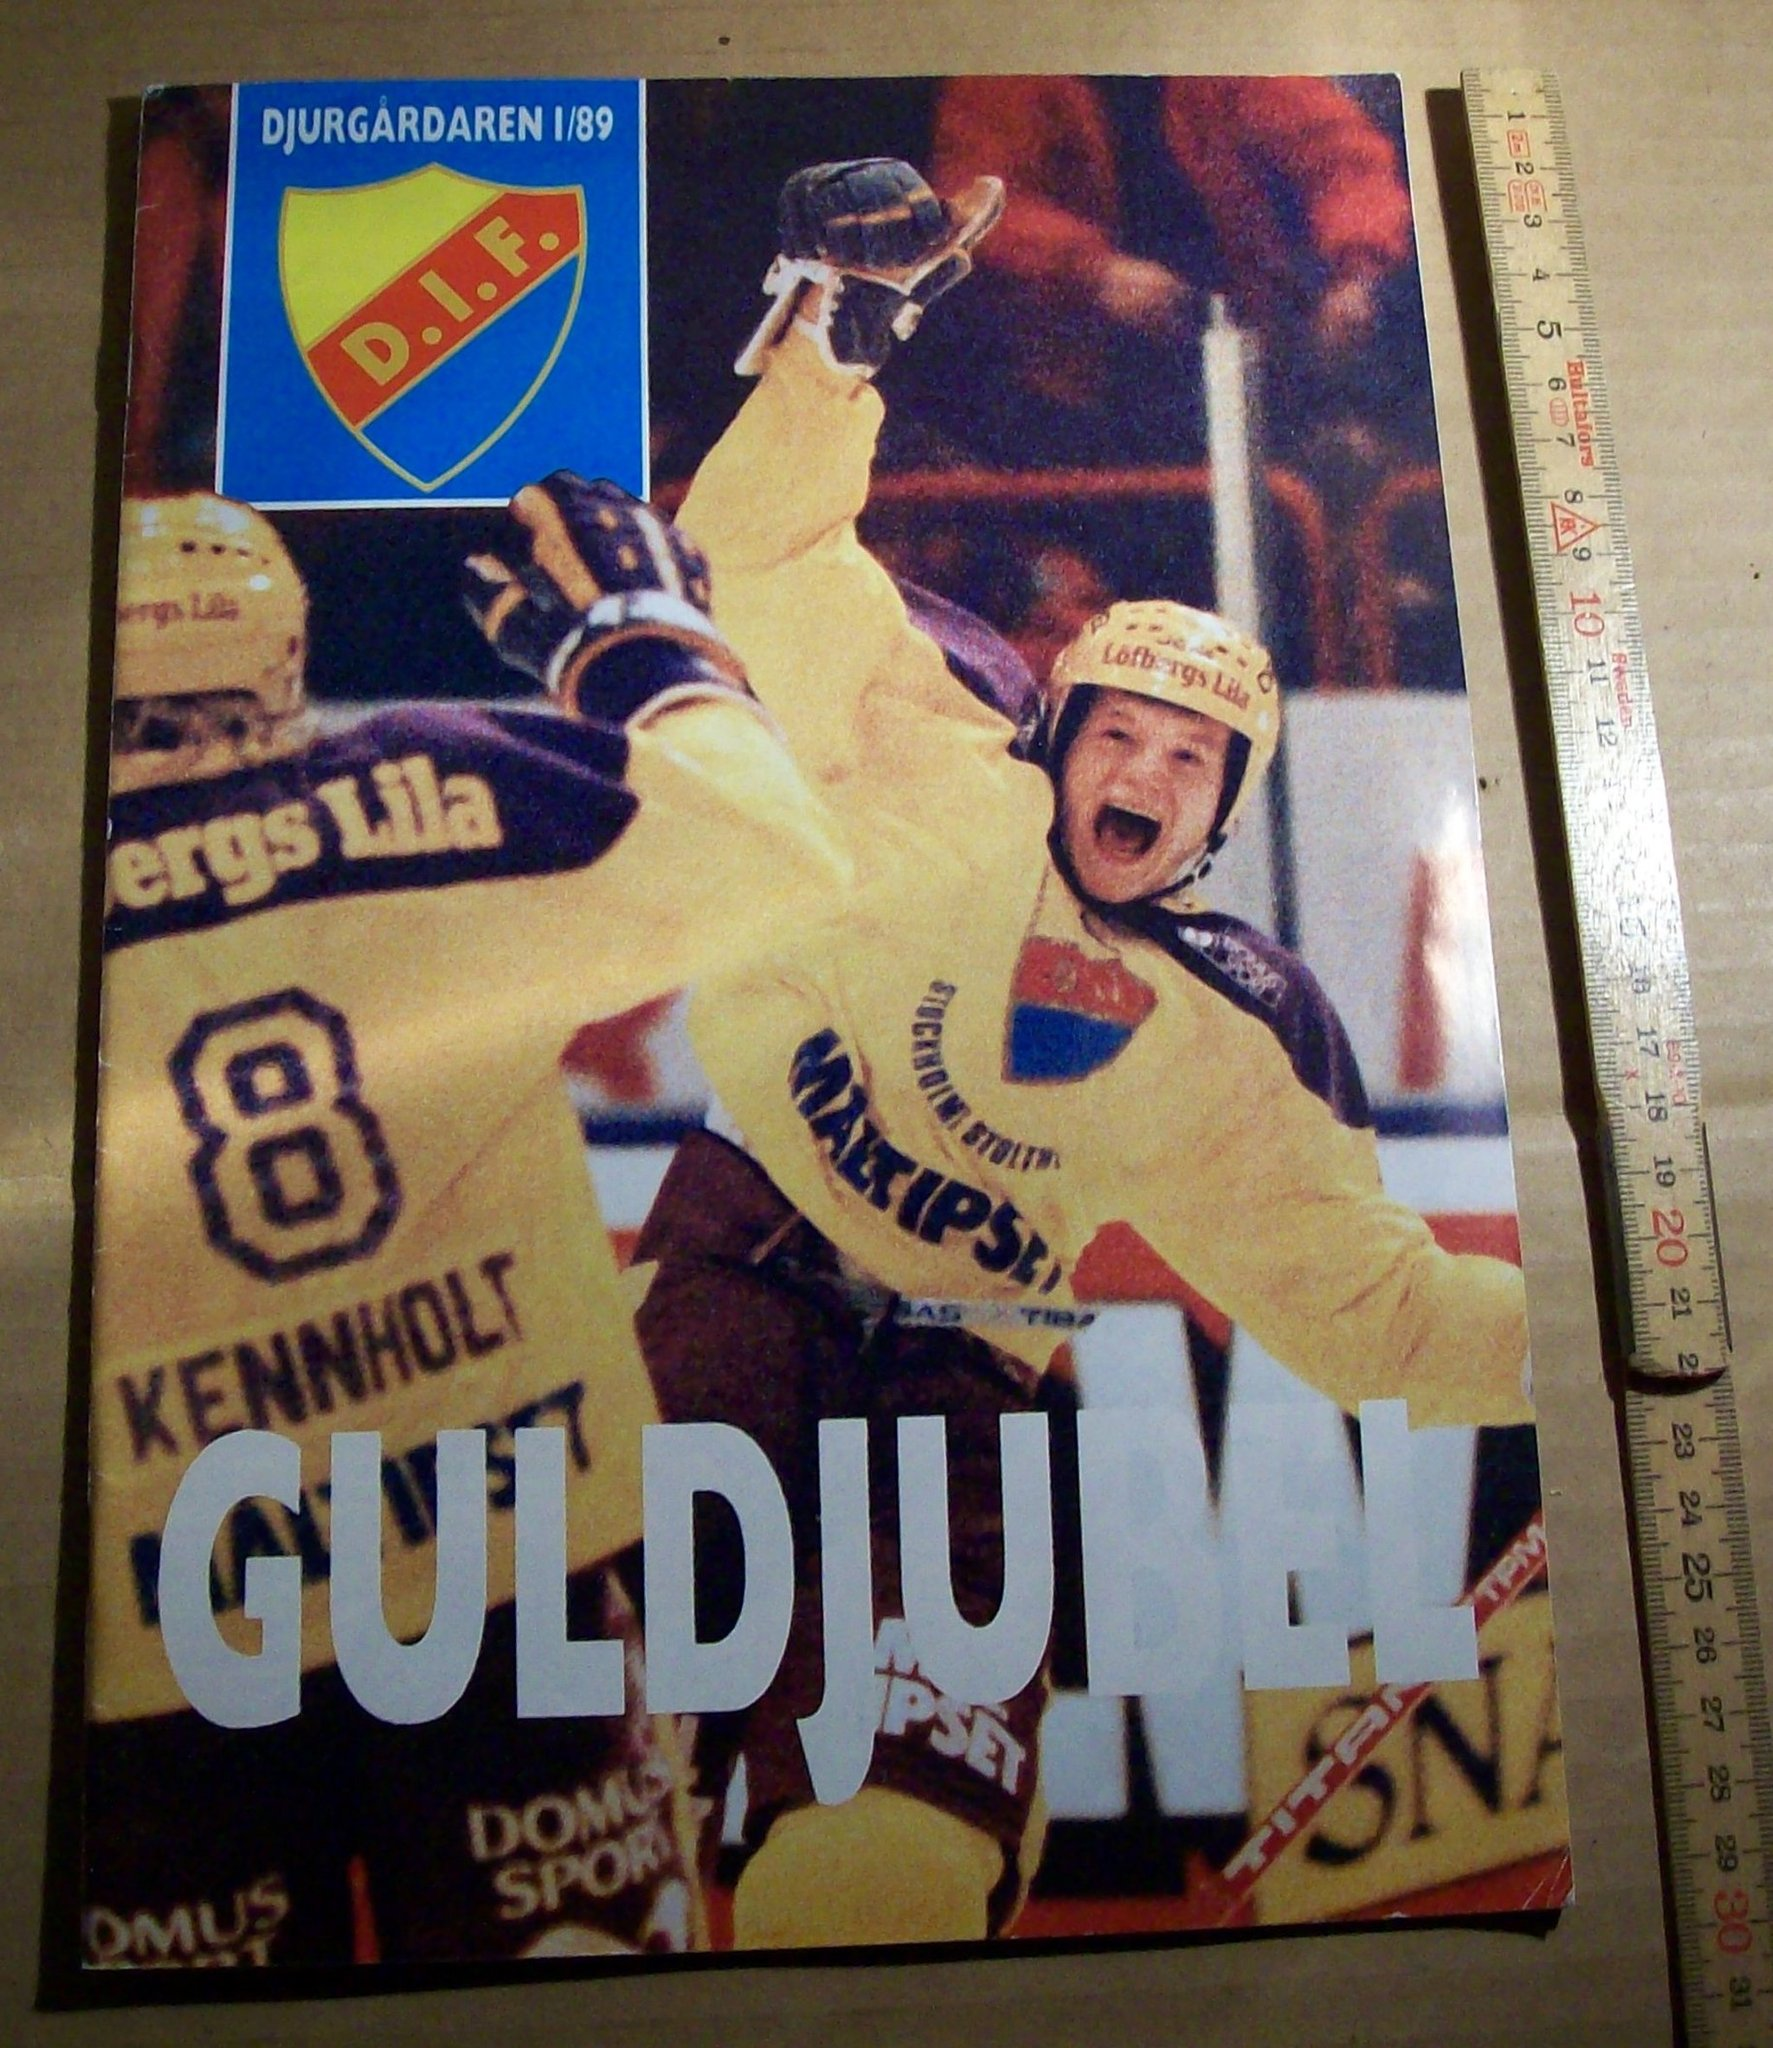 DJURGÅRDAREN. 189 GULDJUBEL, SVENSKA MÄSTARE I ISHOCKEY 1989